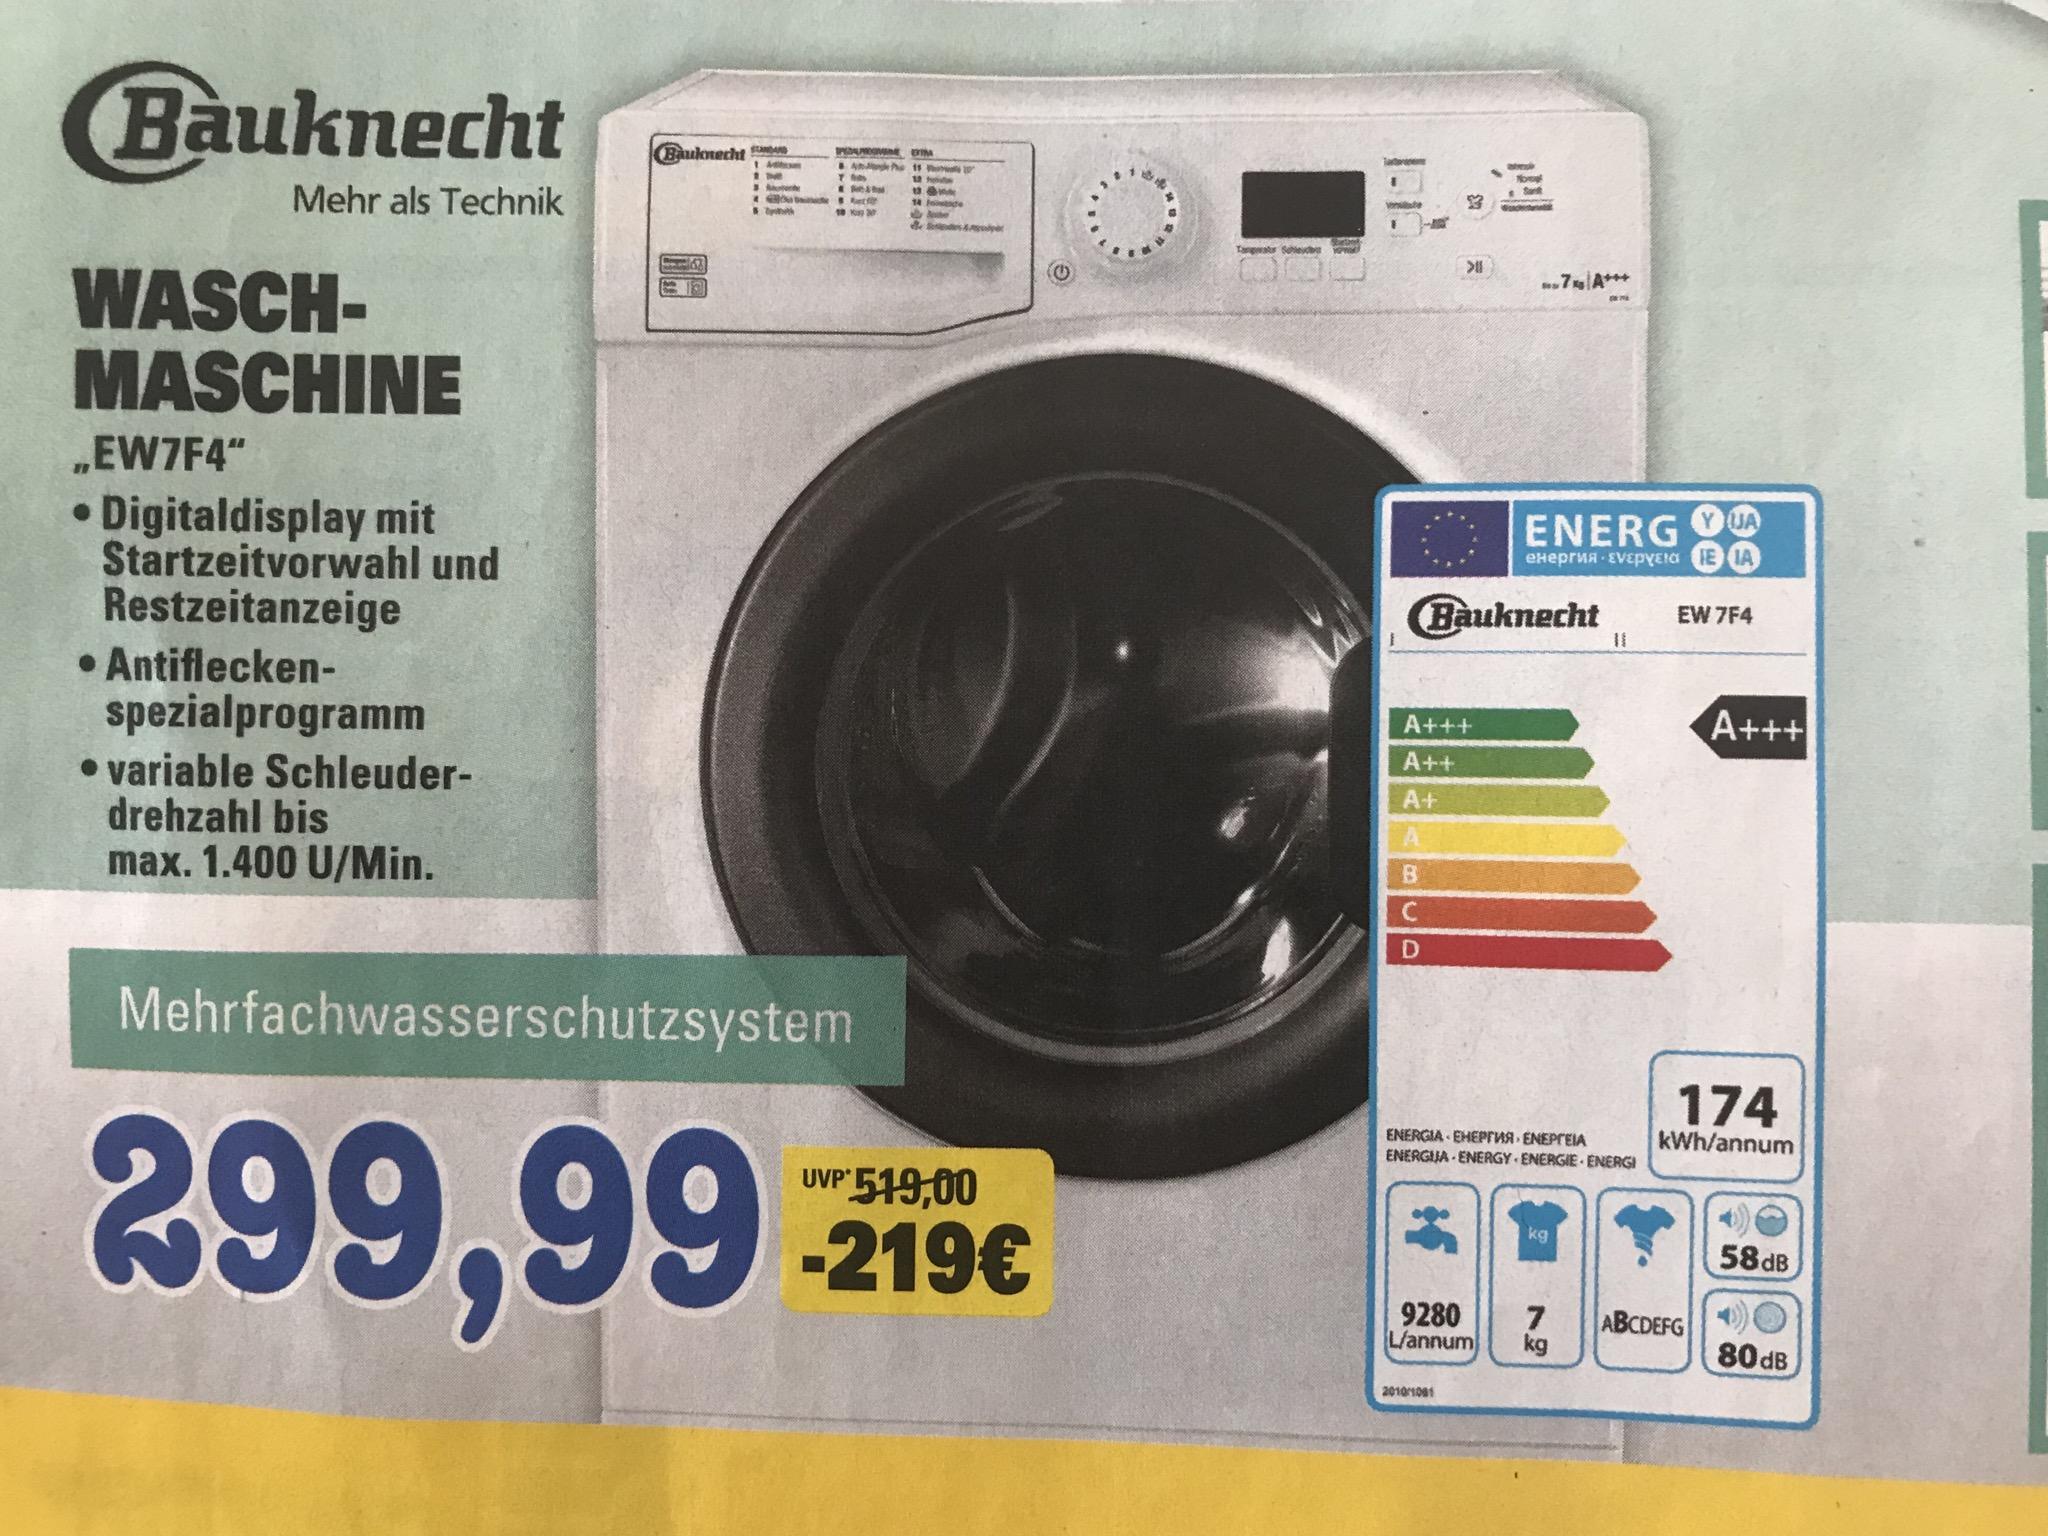 [Lokal] Waschmaschine Bauknecht EW 7F4